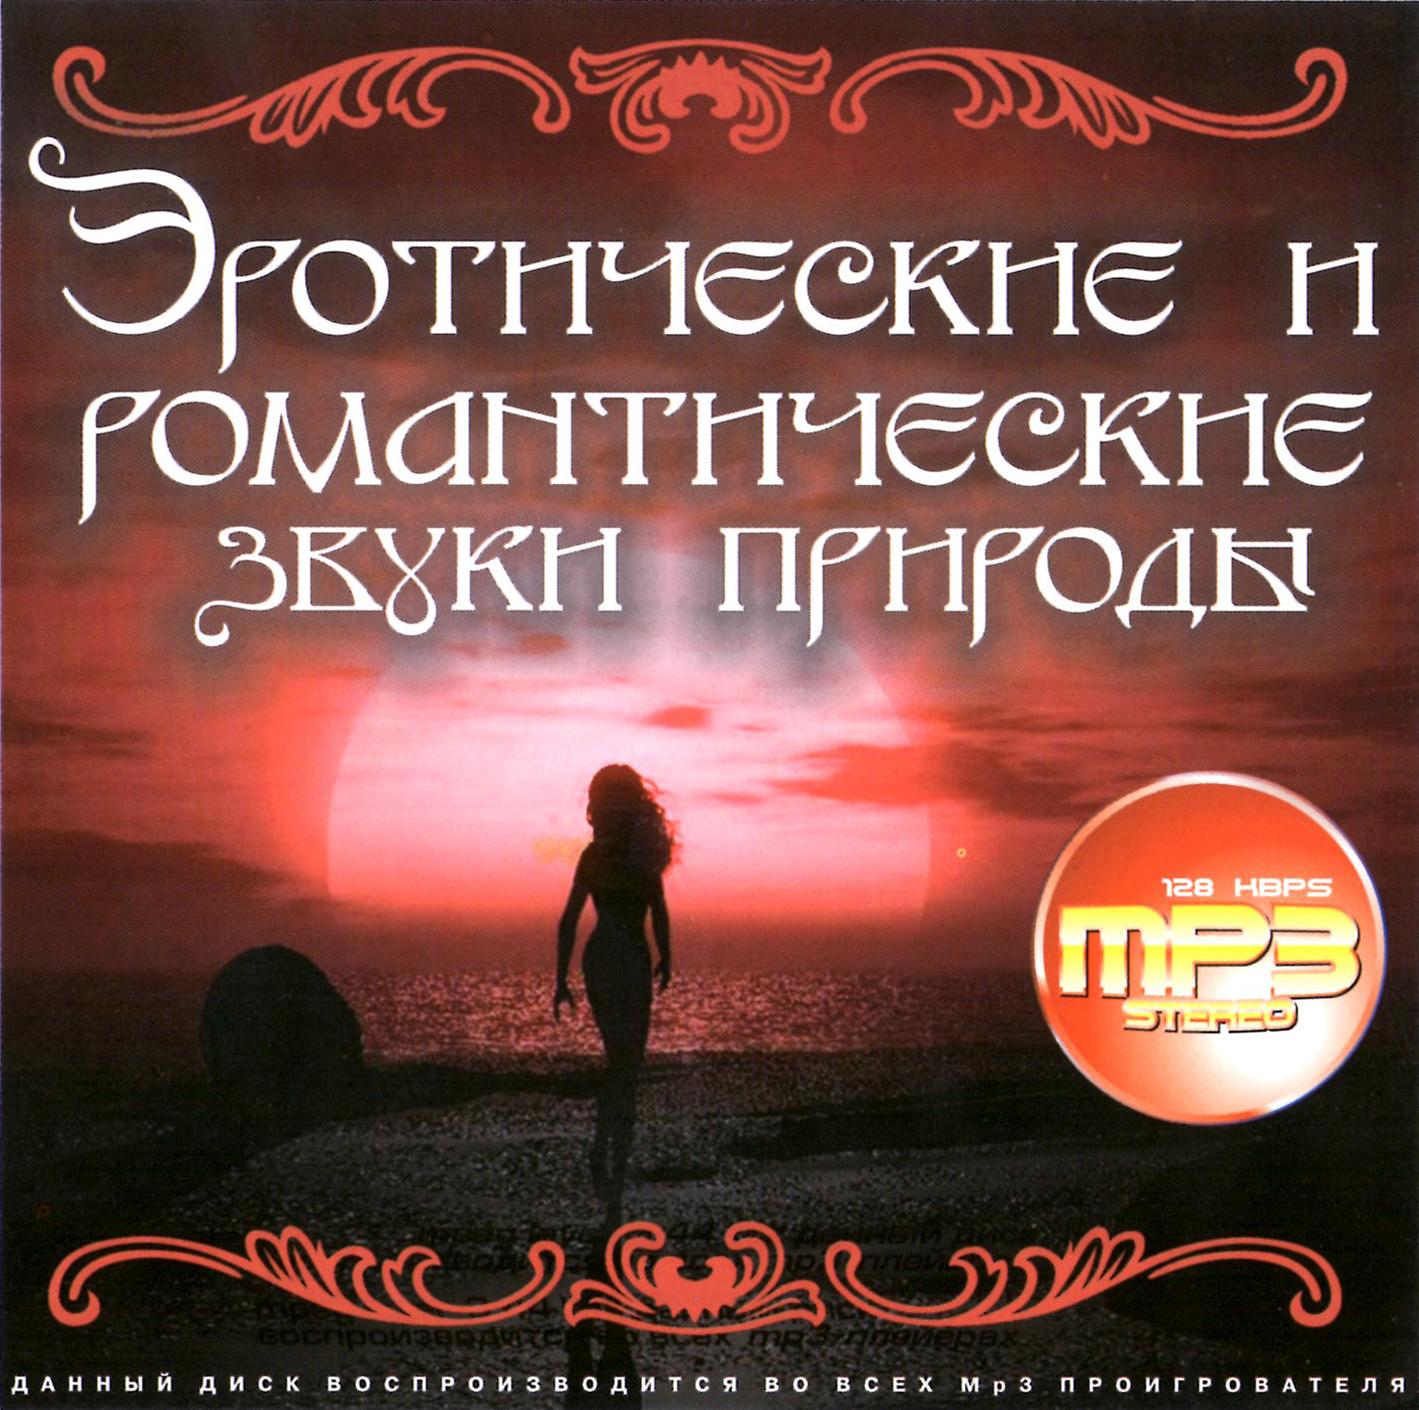 Эротические и романтические звуки природы [mp3]